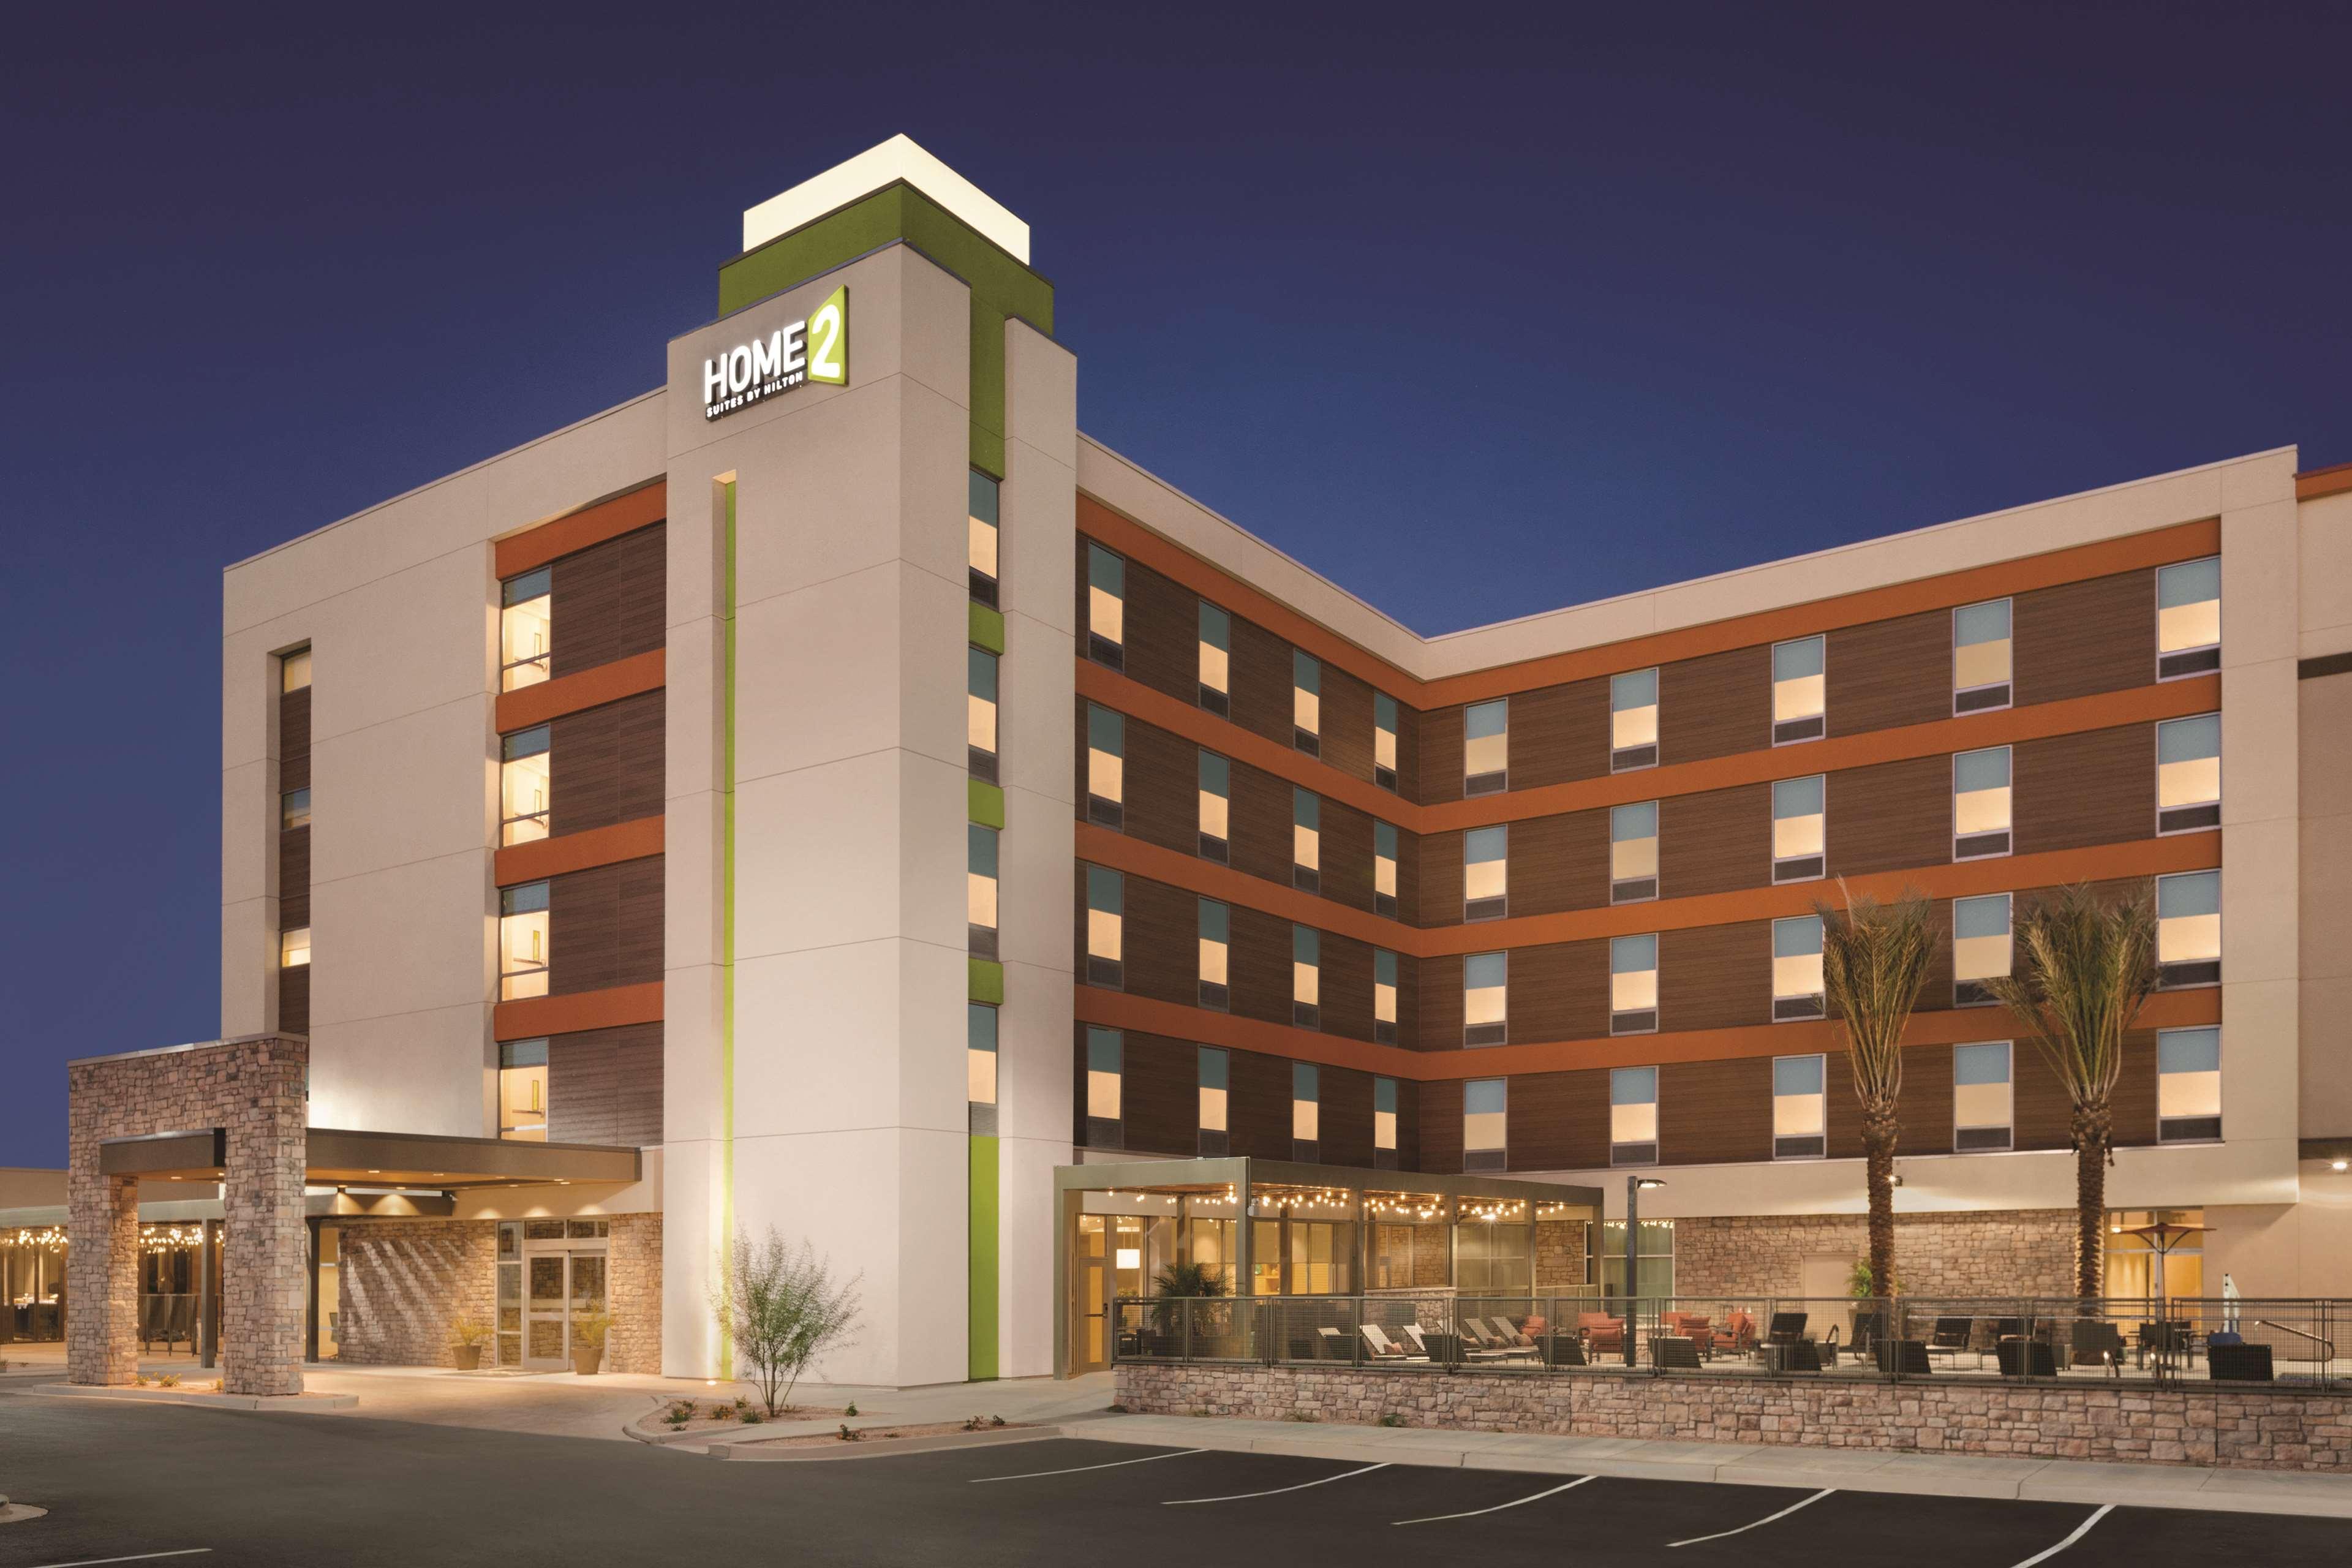 Home2 Suites by Hilton Phoenix-Tempe ASU Research Park image 1